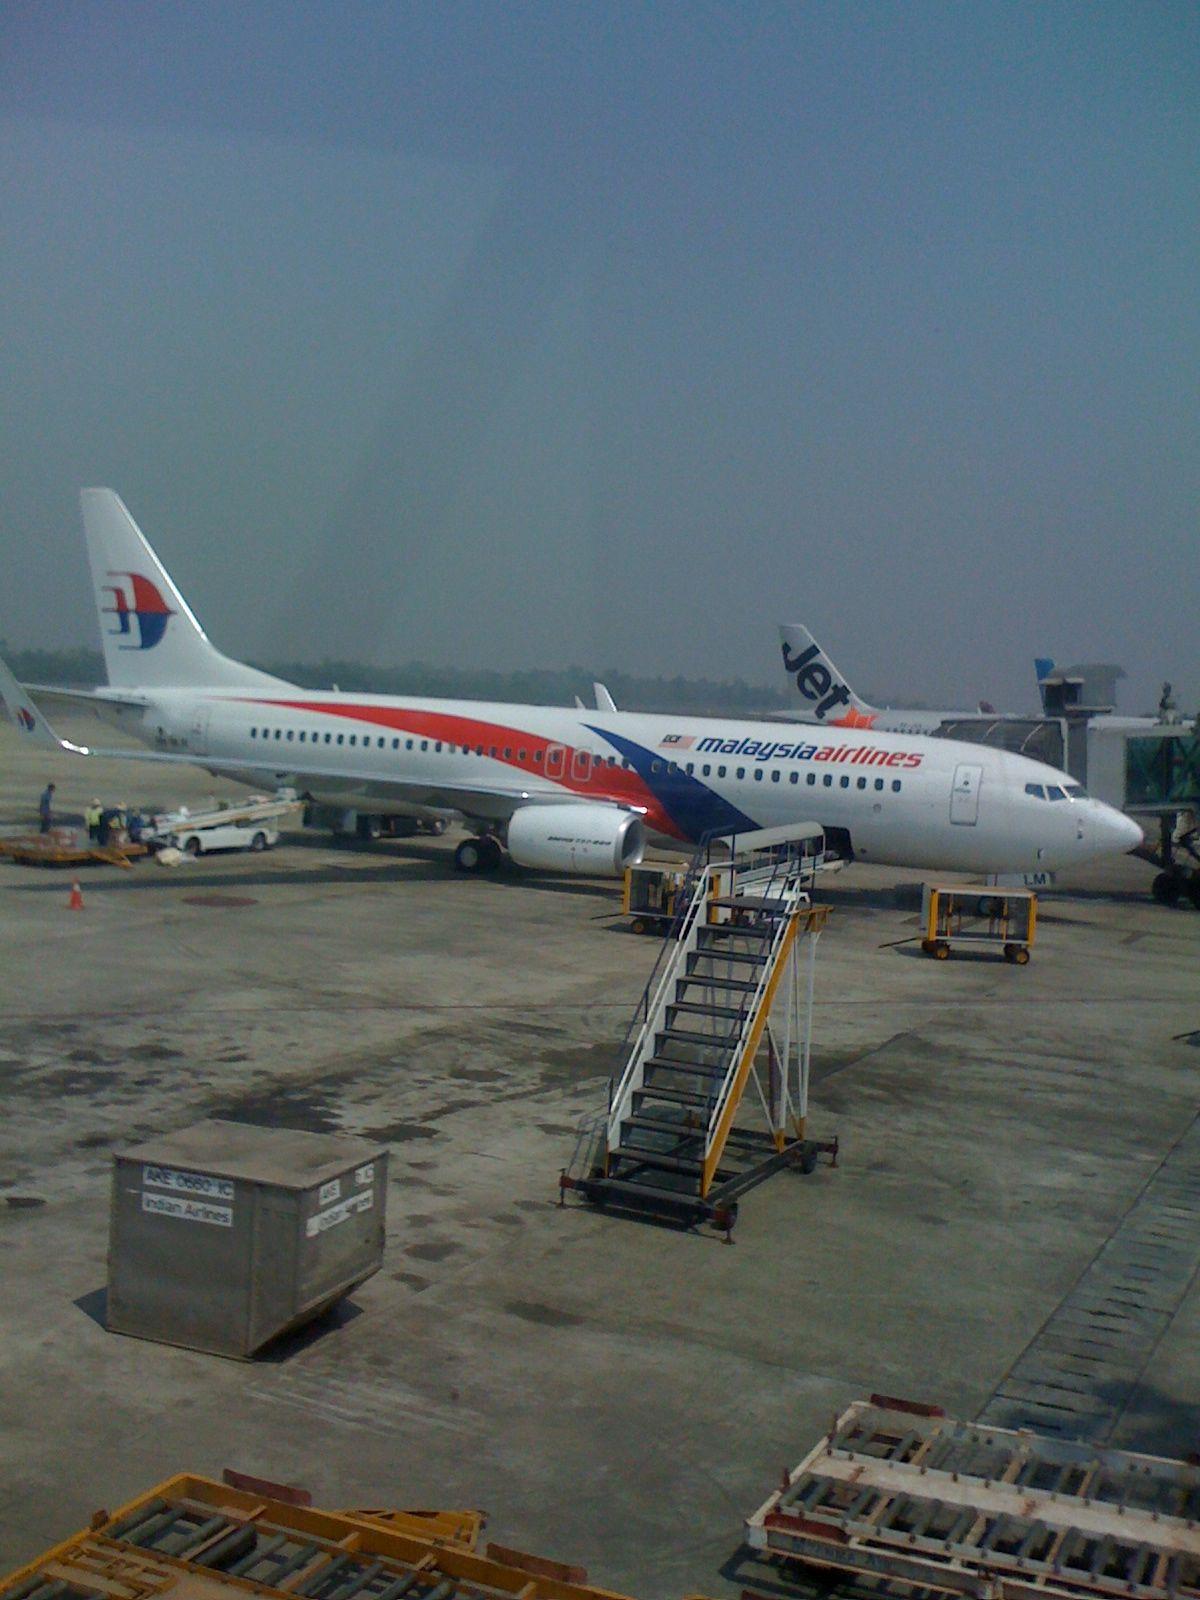 ... Airlines at... Yangon Airport